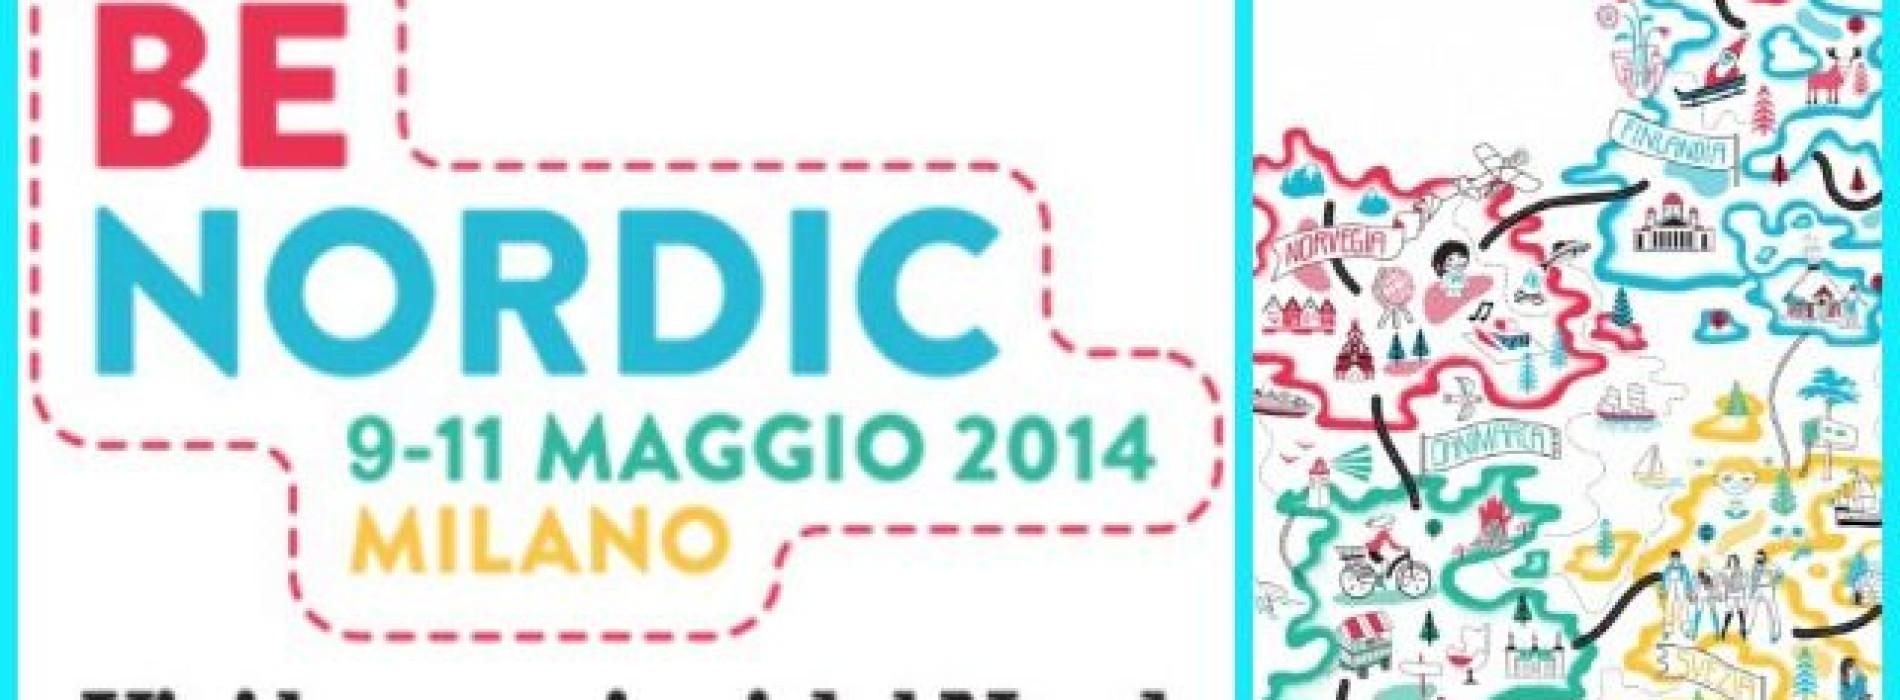 BeNordic a Milano, tre giorni di design e gastronomia dei Paesi scandinavi